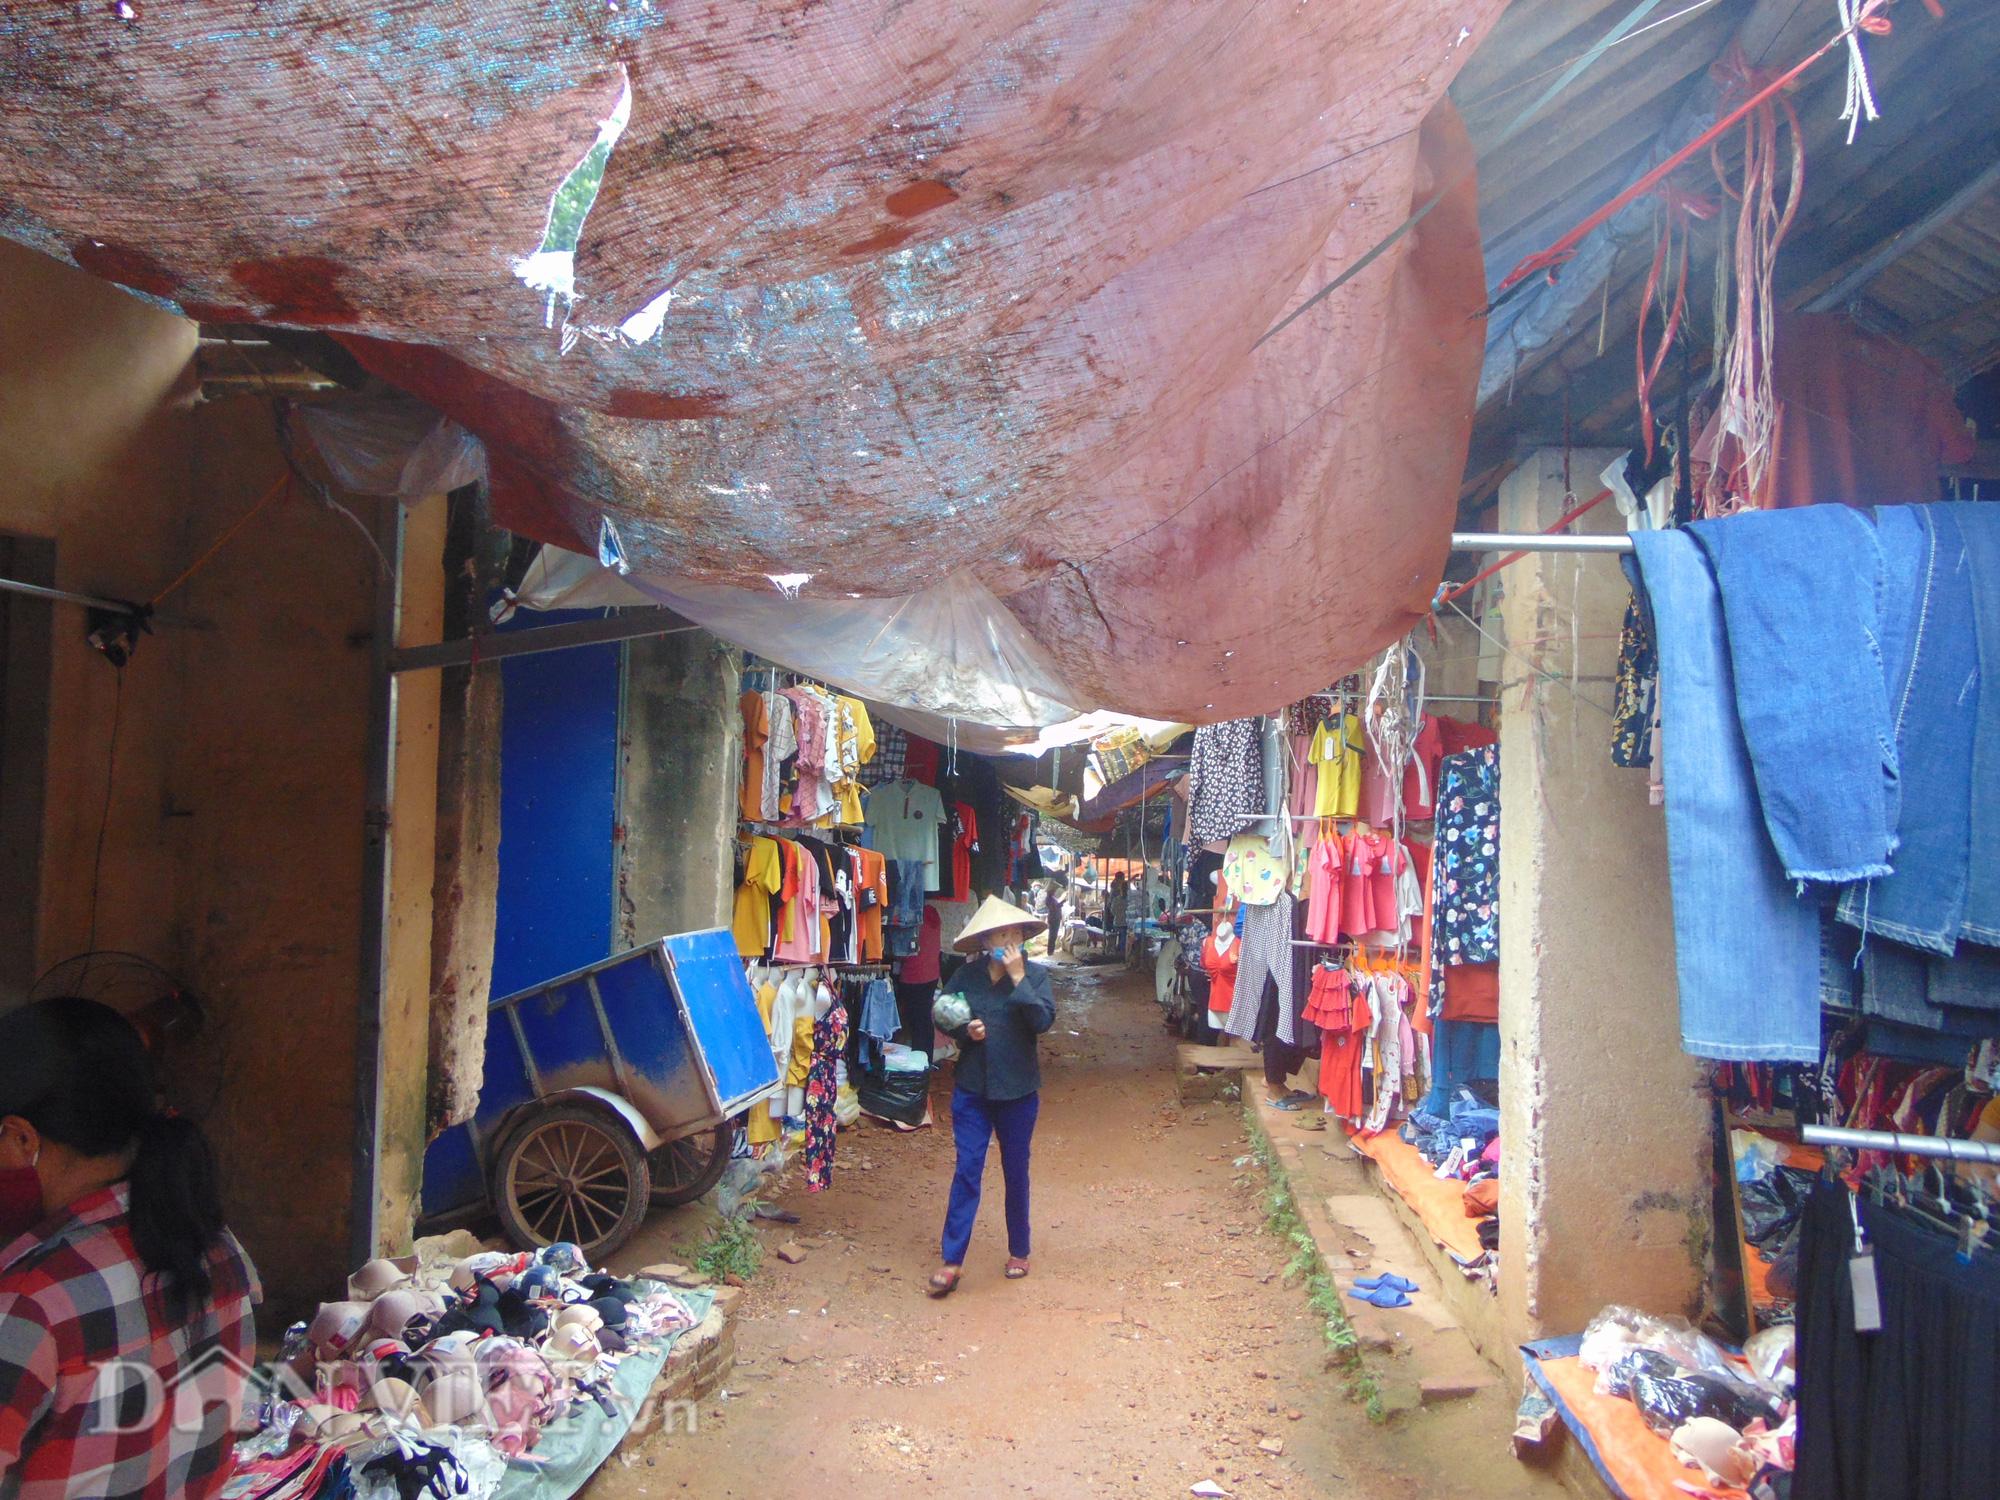 Thái Nguyên: Vụ thu phí trái quy định tại chợ Long Thành, bao giờ có kết luận chính thức? - Ảnh 2.